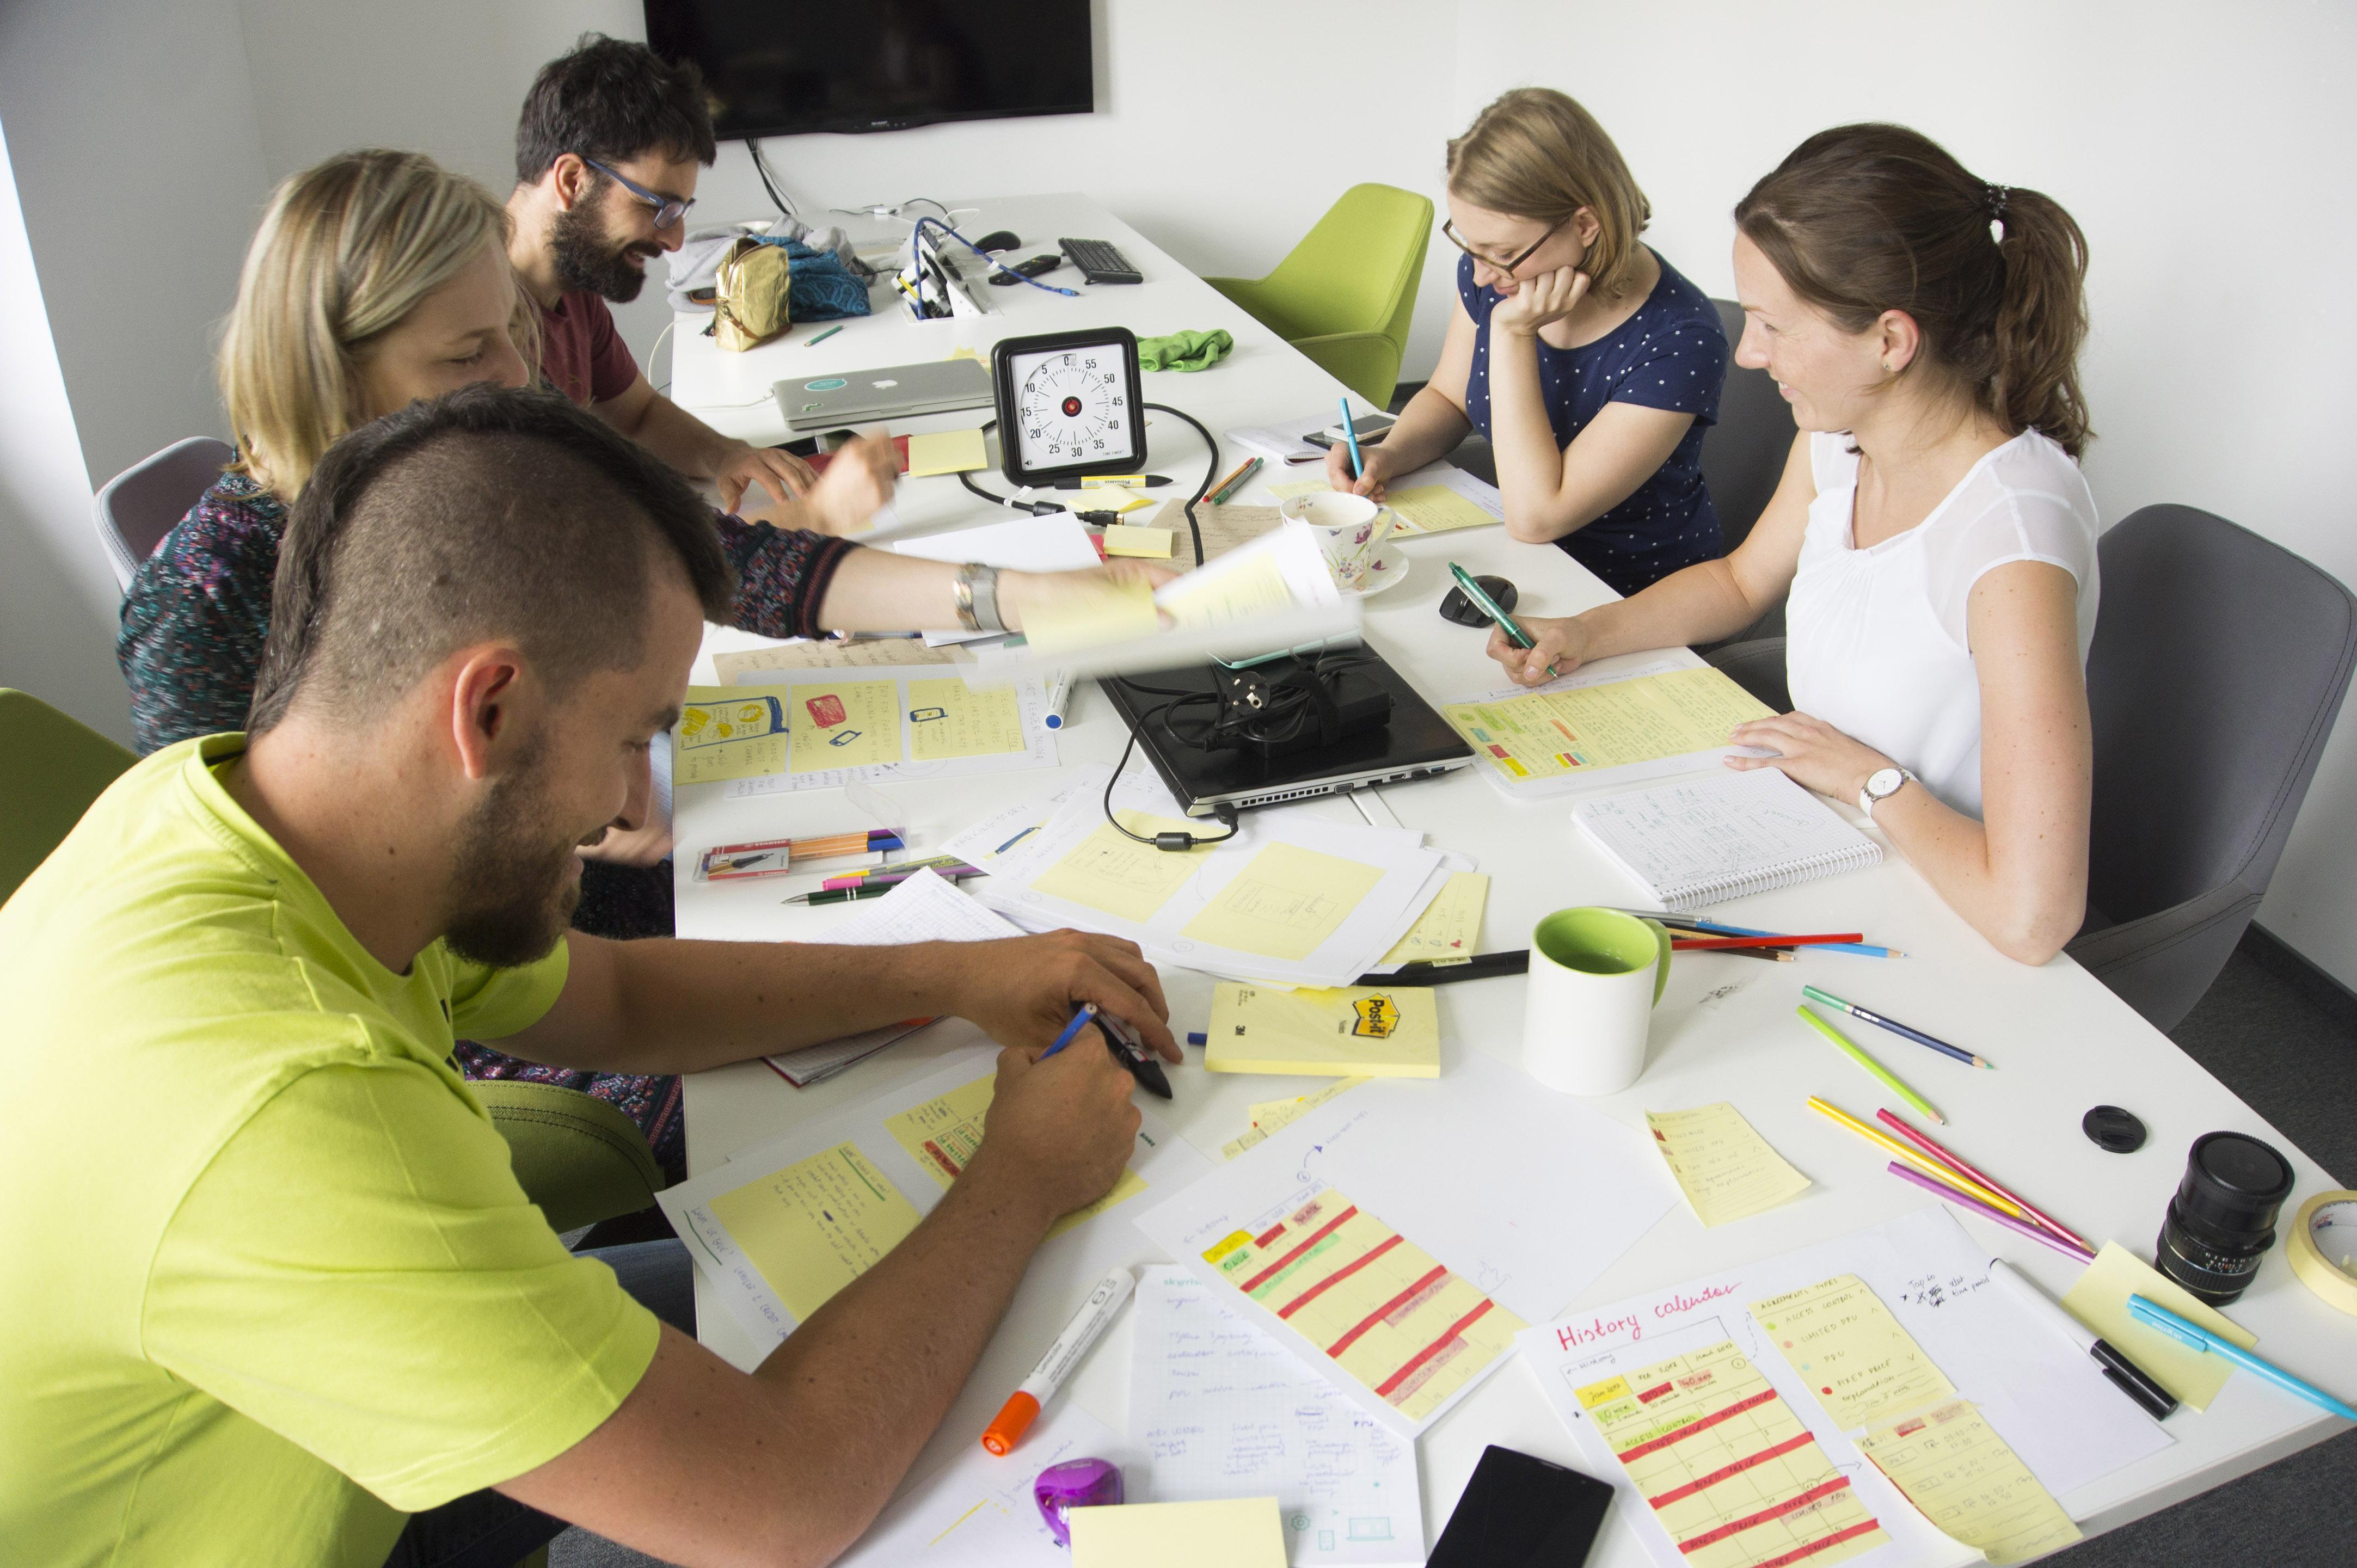 google design sprint quiet brainstorming team